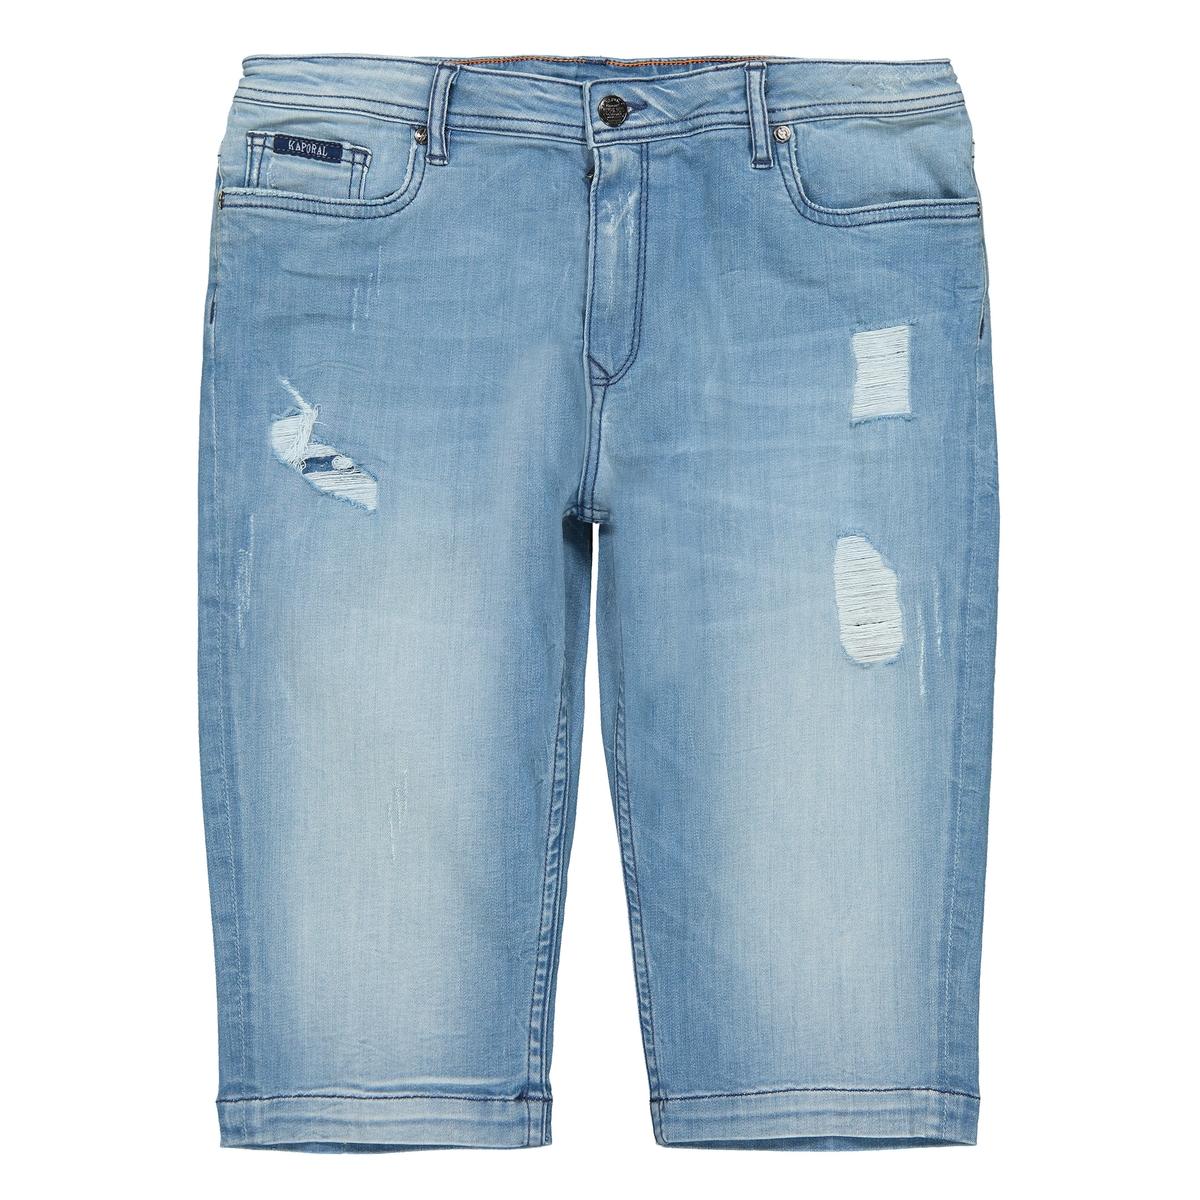 Бермуды La Redoute Из джинсовой ткани с потертым эффектом 10 синий наволочка la redoute из хлопка с потертым эффектом timun 45 x 45 см синий